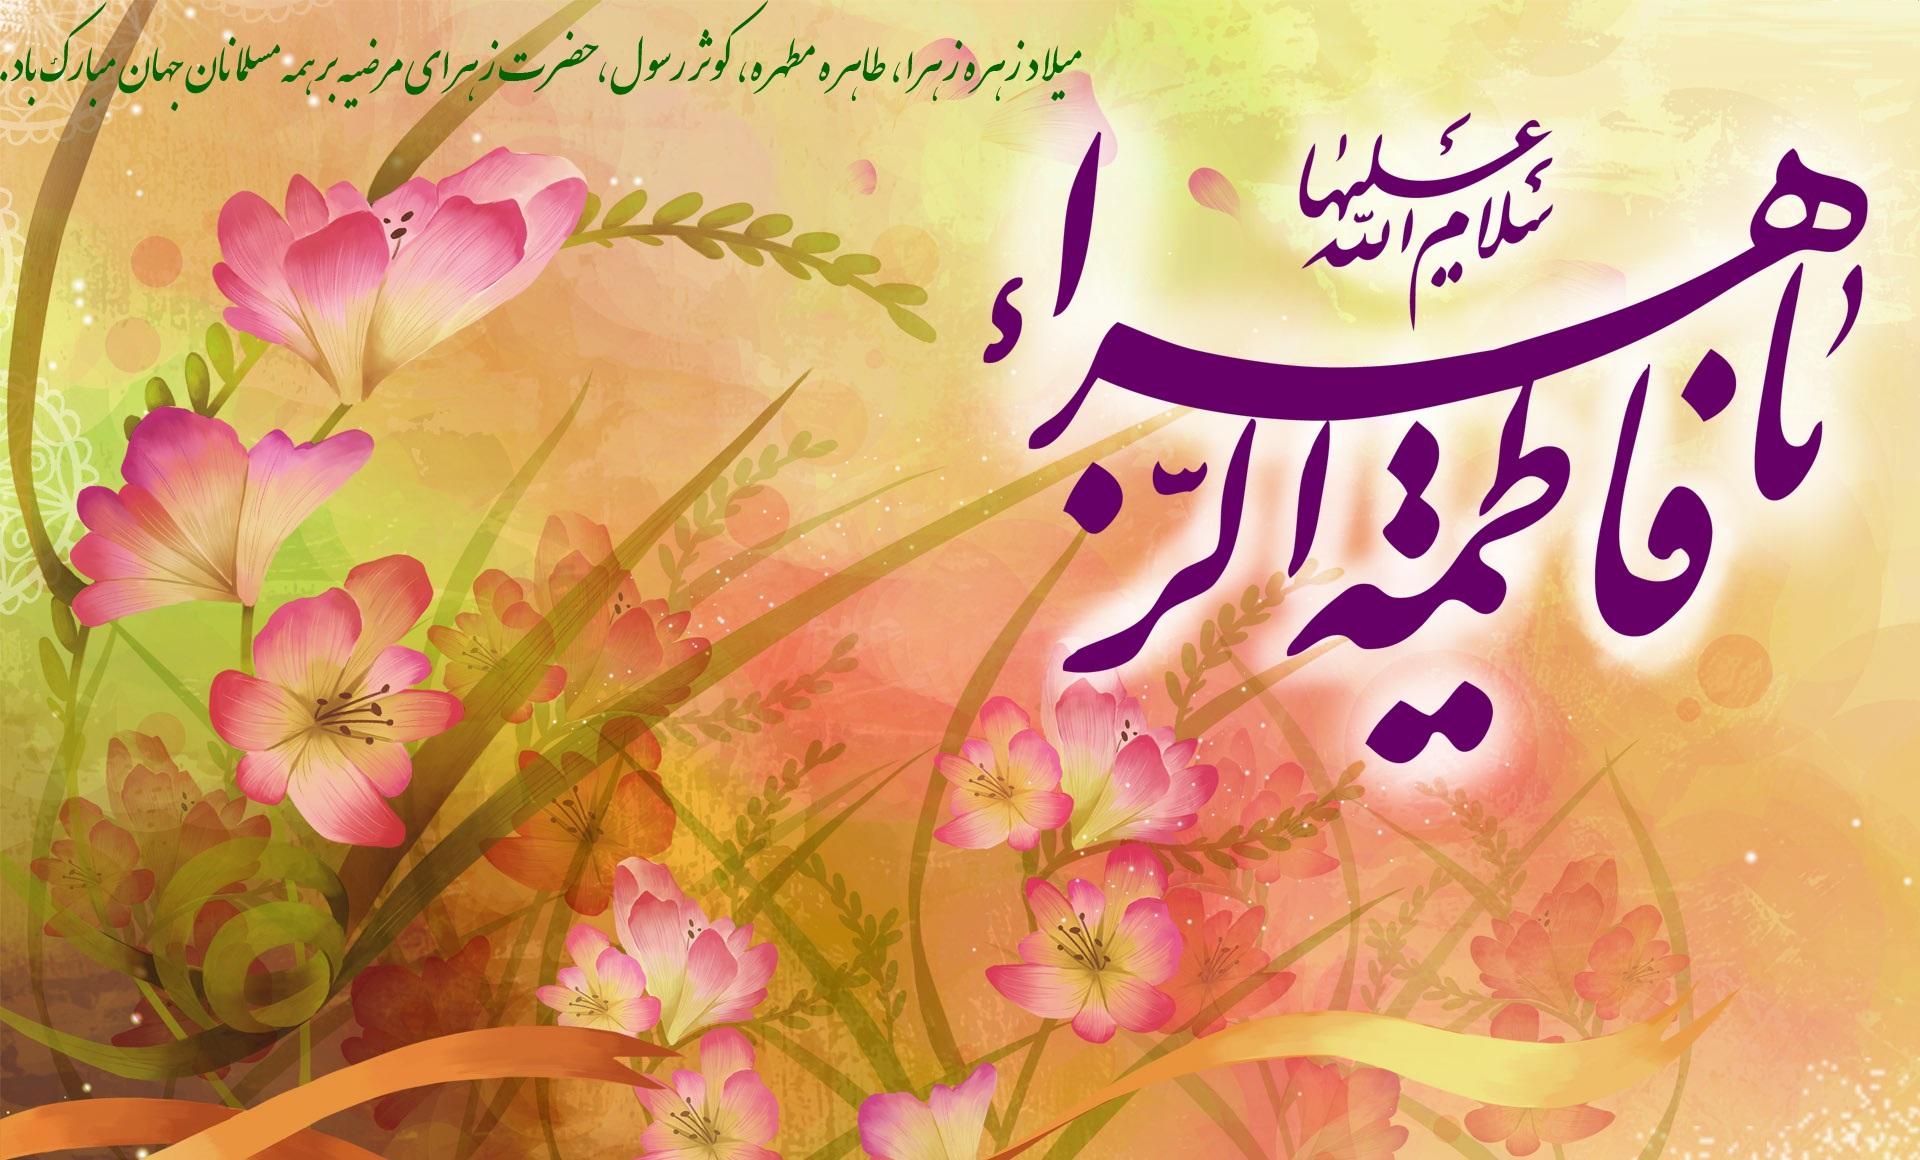 میلاد حضرت زهرا مبارک